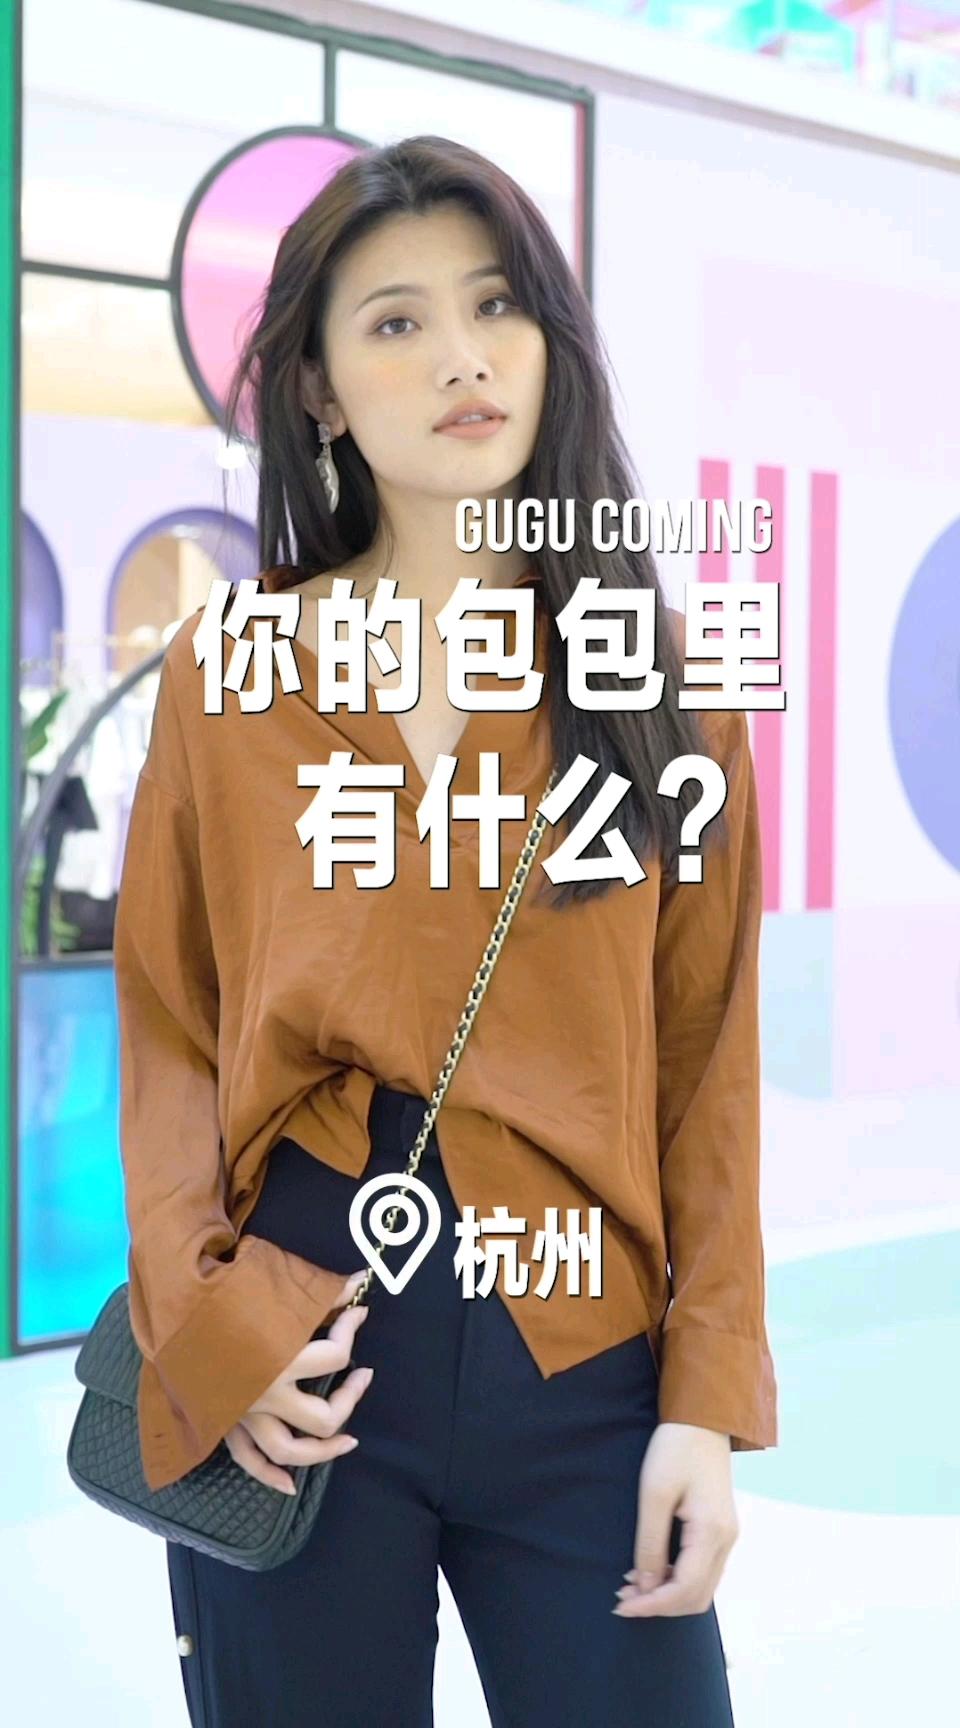 开包啦~这位小姐姐的口红颜色太会选啦#杭州#你们喜欢这种裸橘色唇釉吗